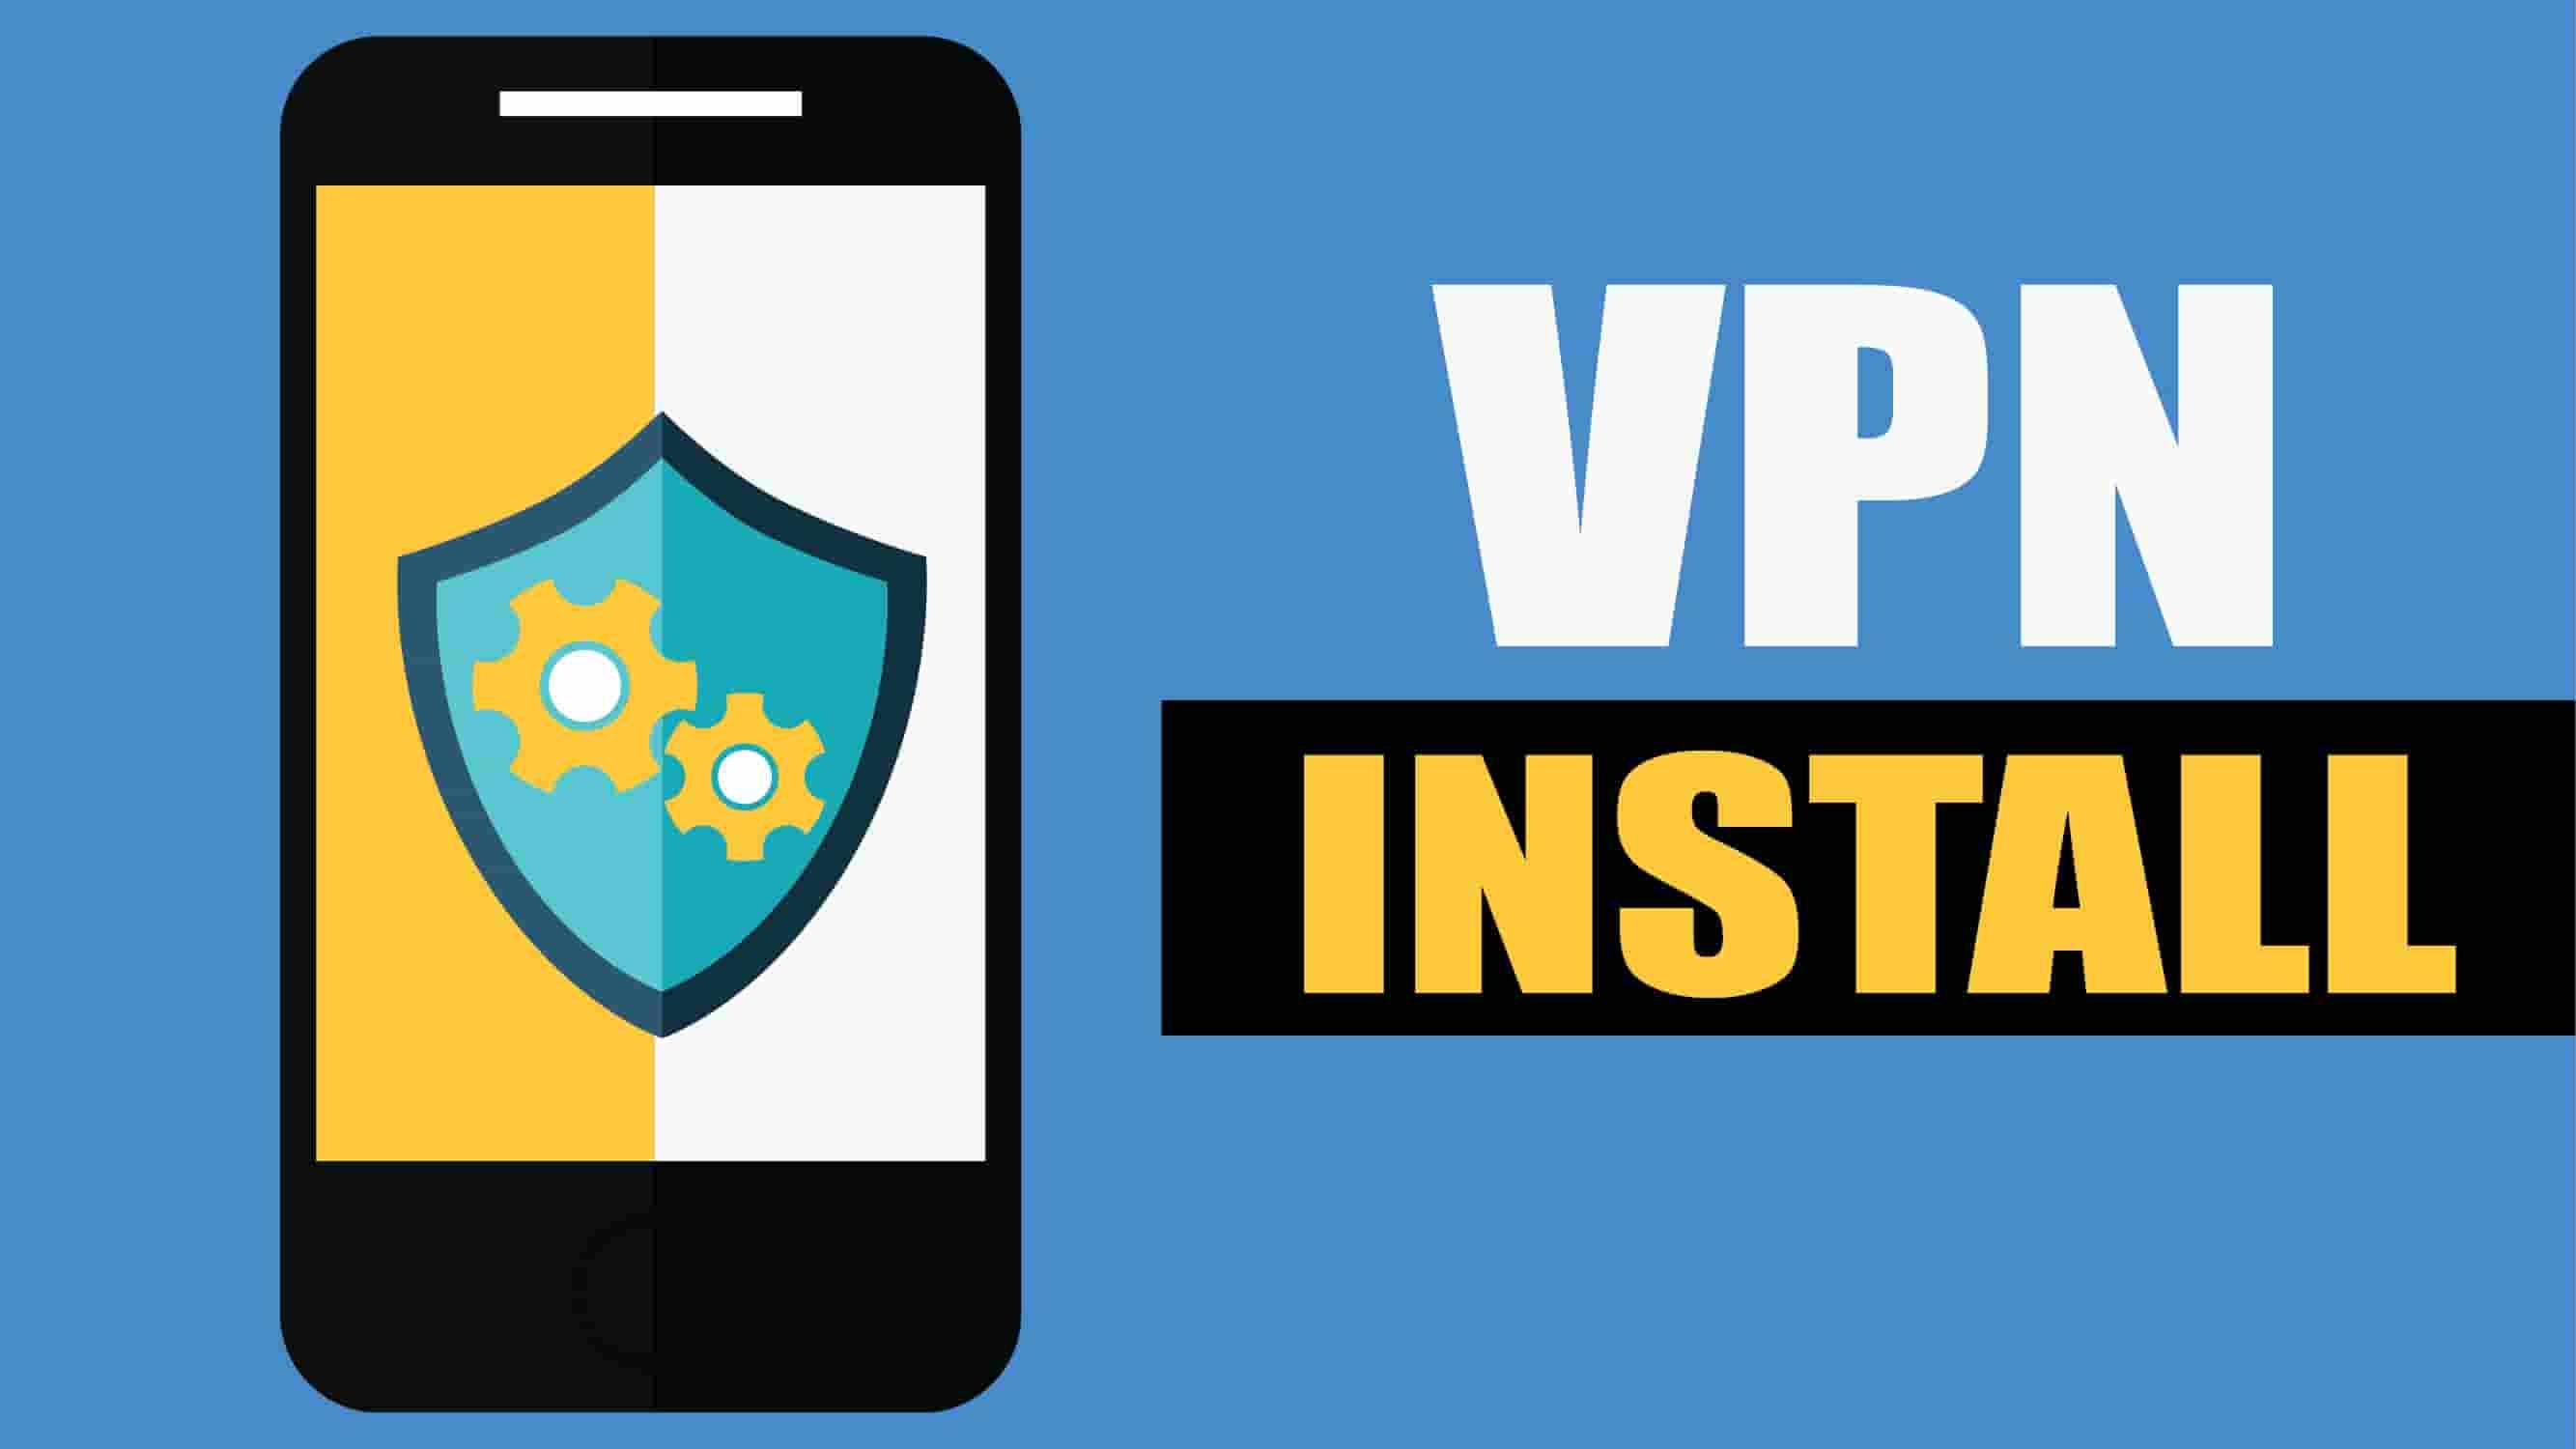 install VPN in phone